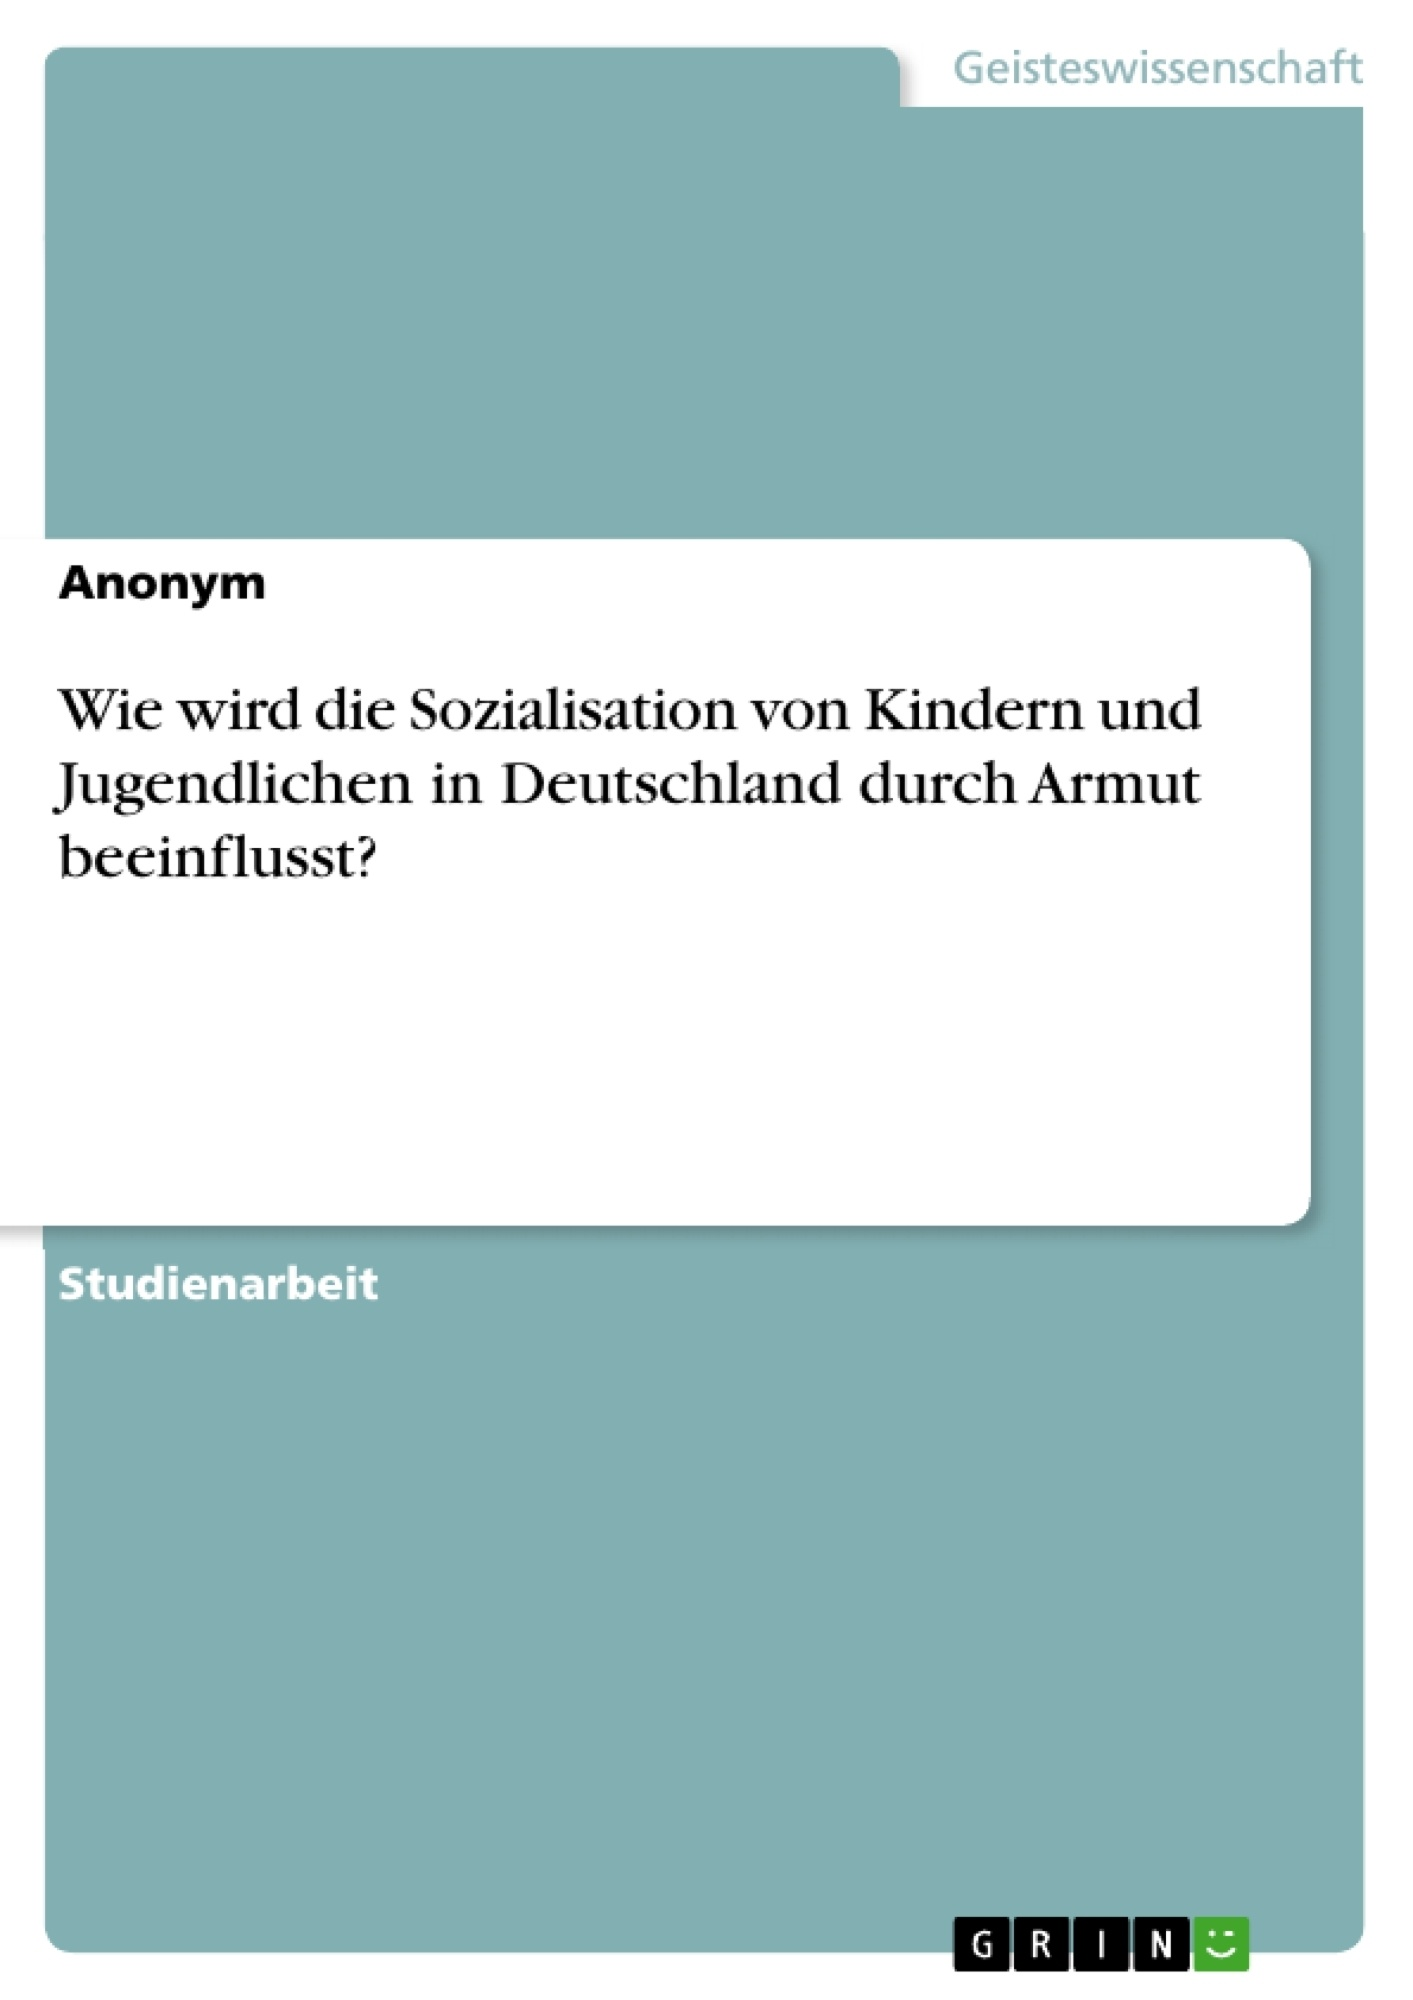 Titel: Wie wird die Sozialisation von Kindern und Jugendlichen in Deutschland durch Armut beeinflusst?